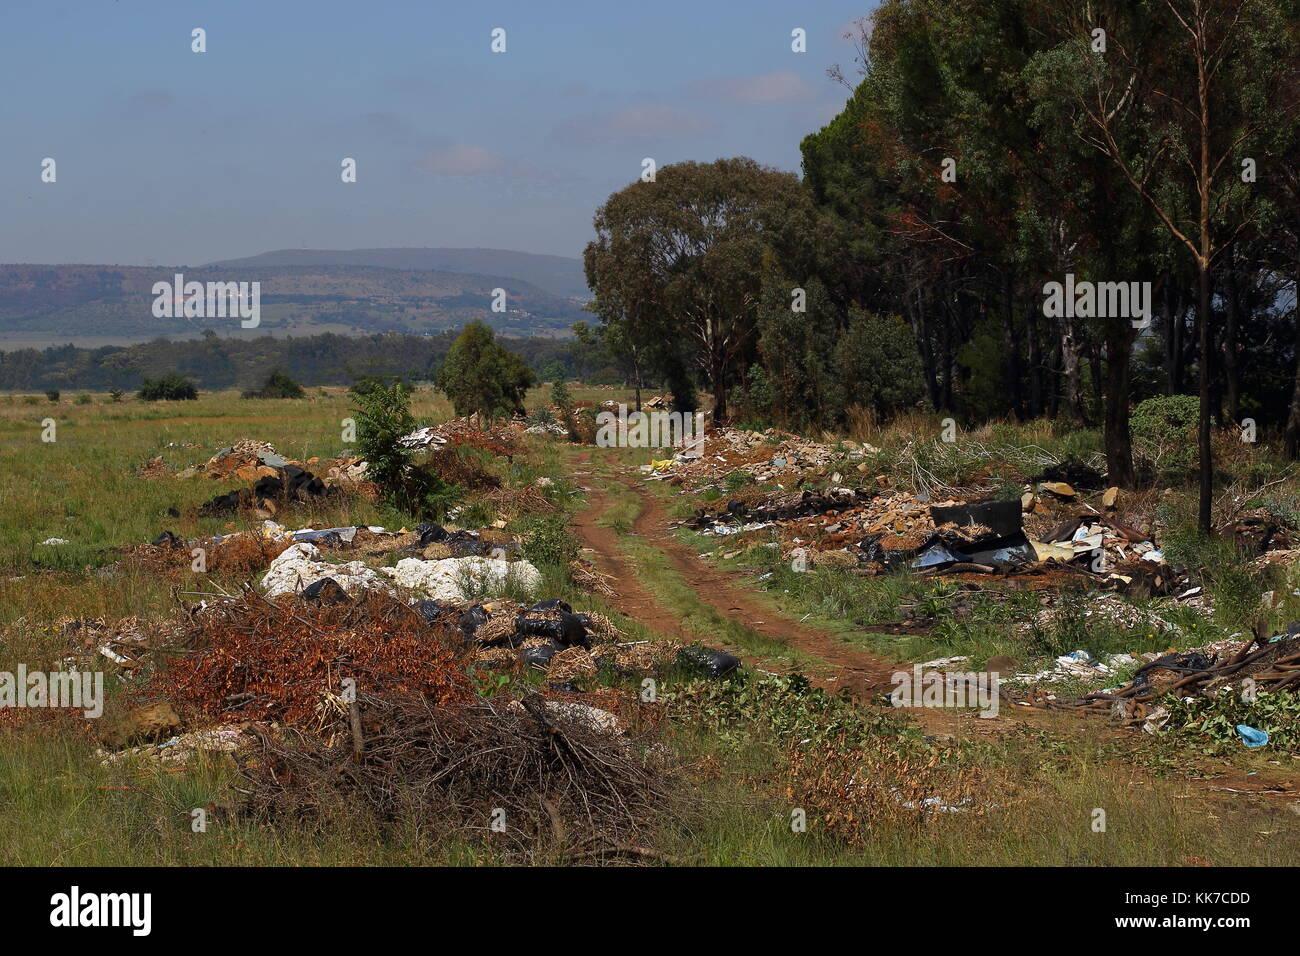 Le déversement illégal à la périphérie de Johannesburg, Afrique du Sud est l'une des Photo Stock